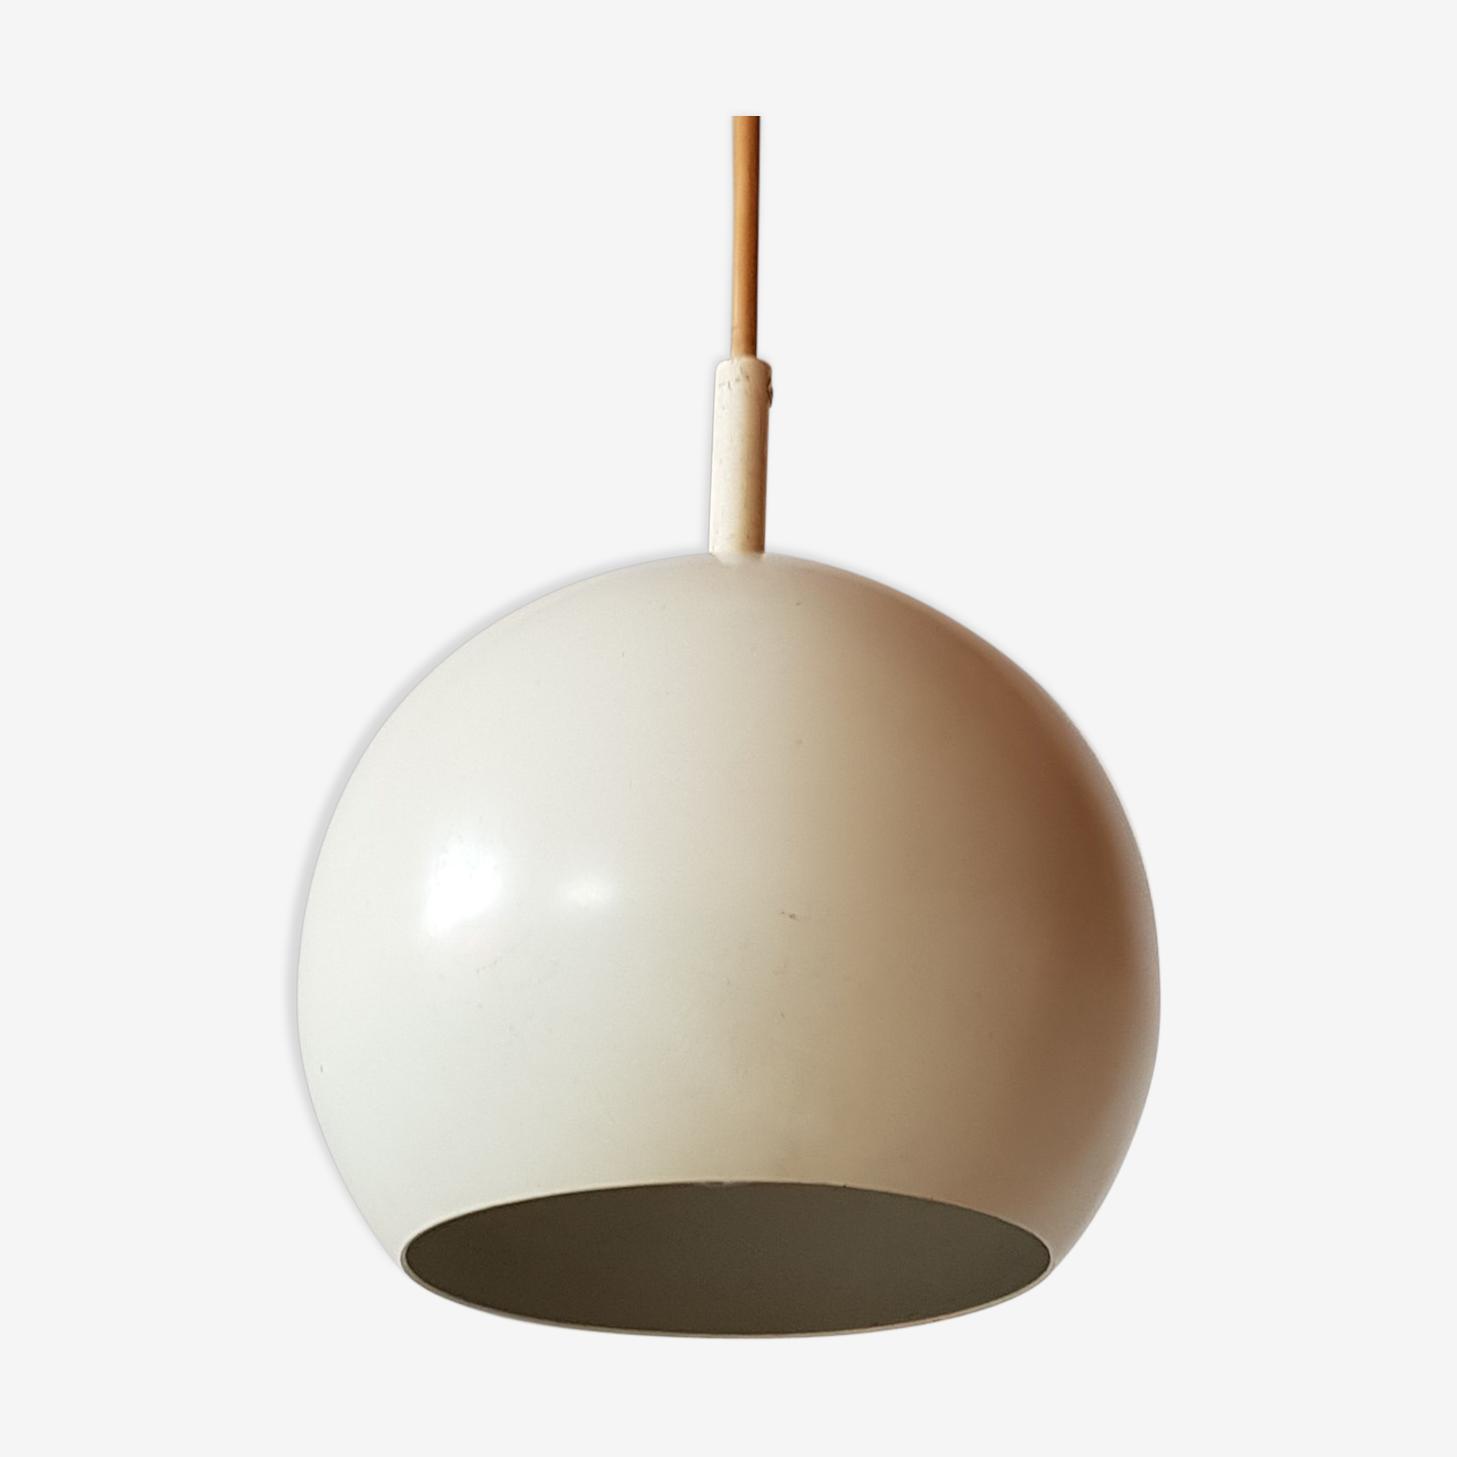 Raak hanging lamp Amsterdam